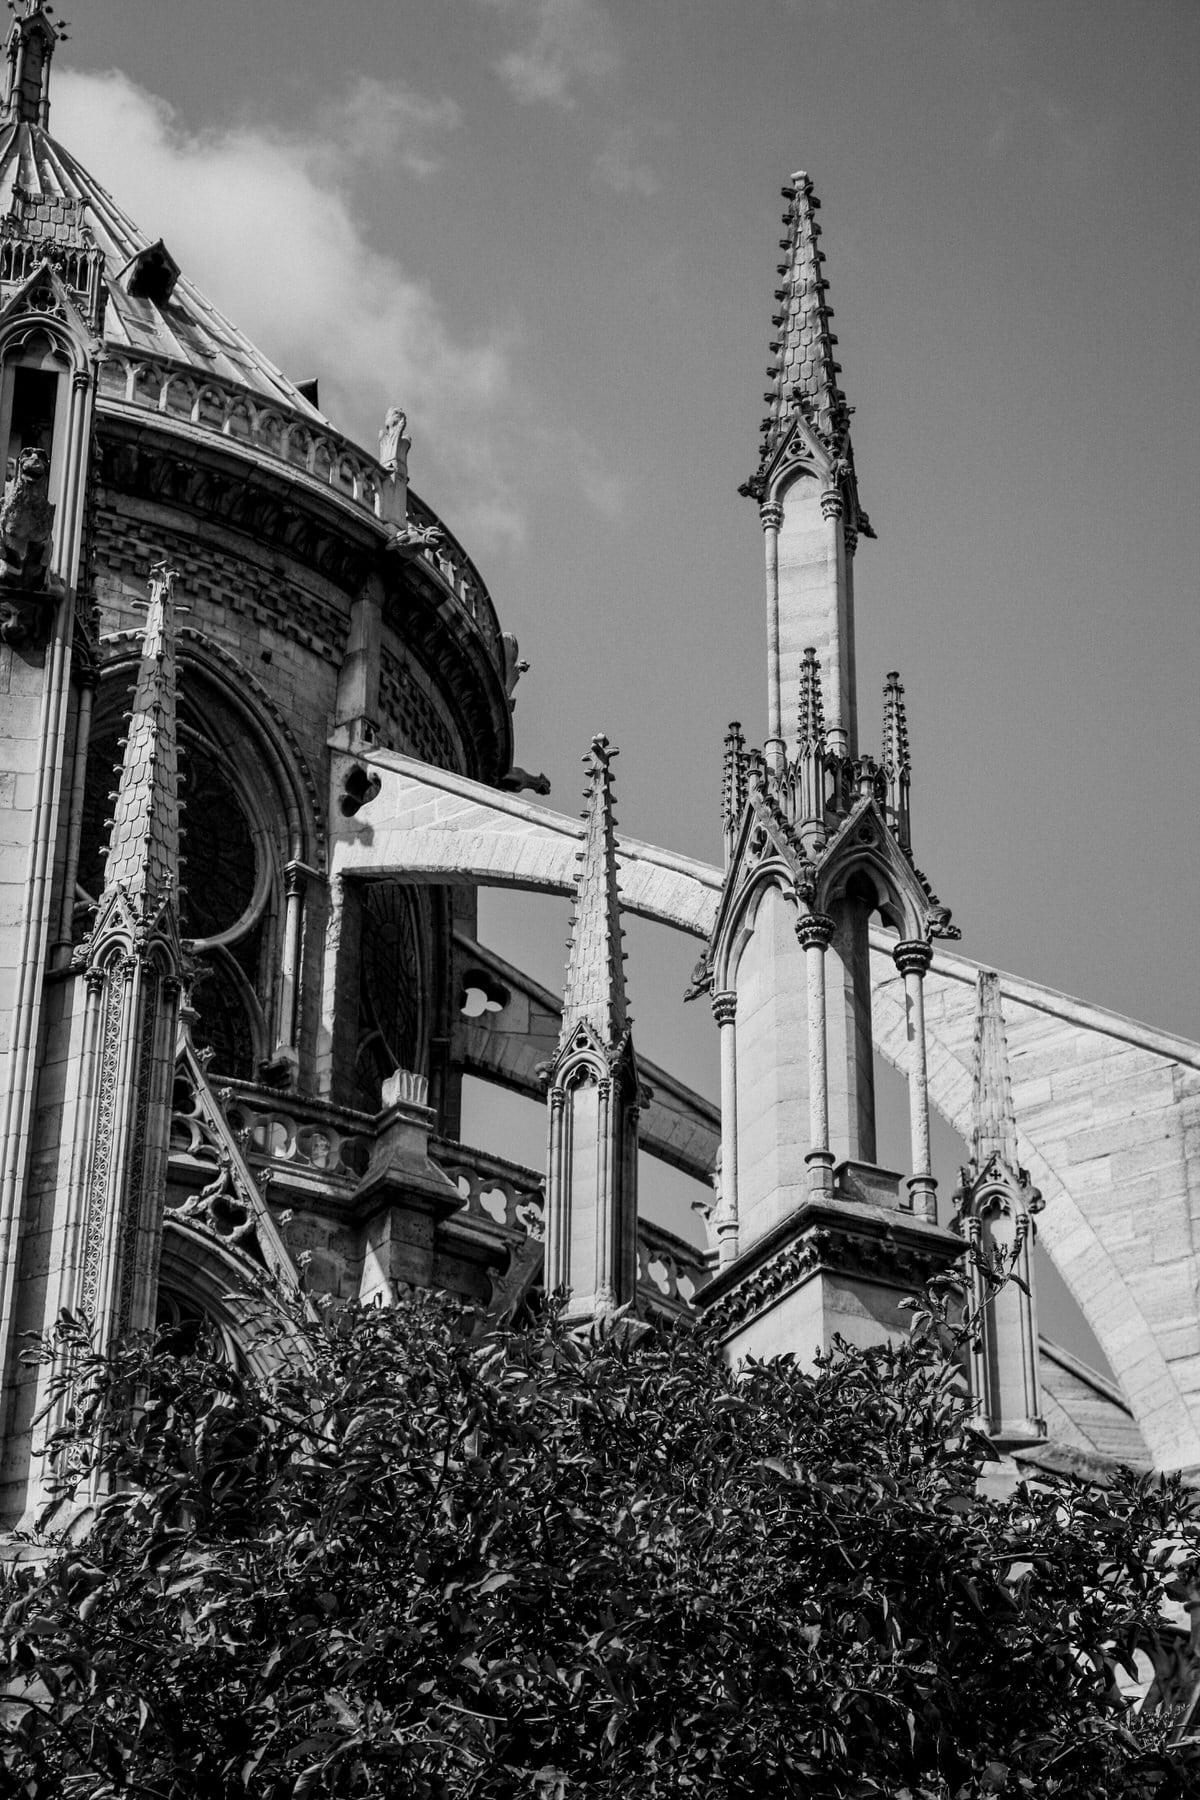 Notre-Dame-Paris-France-fine-art-photography-by-Studio-L-photographer-Laura-Schneider-_4999